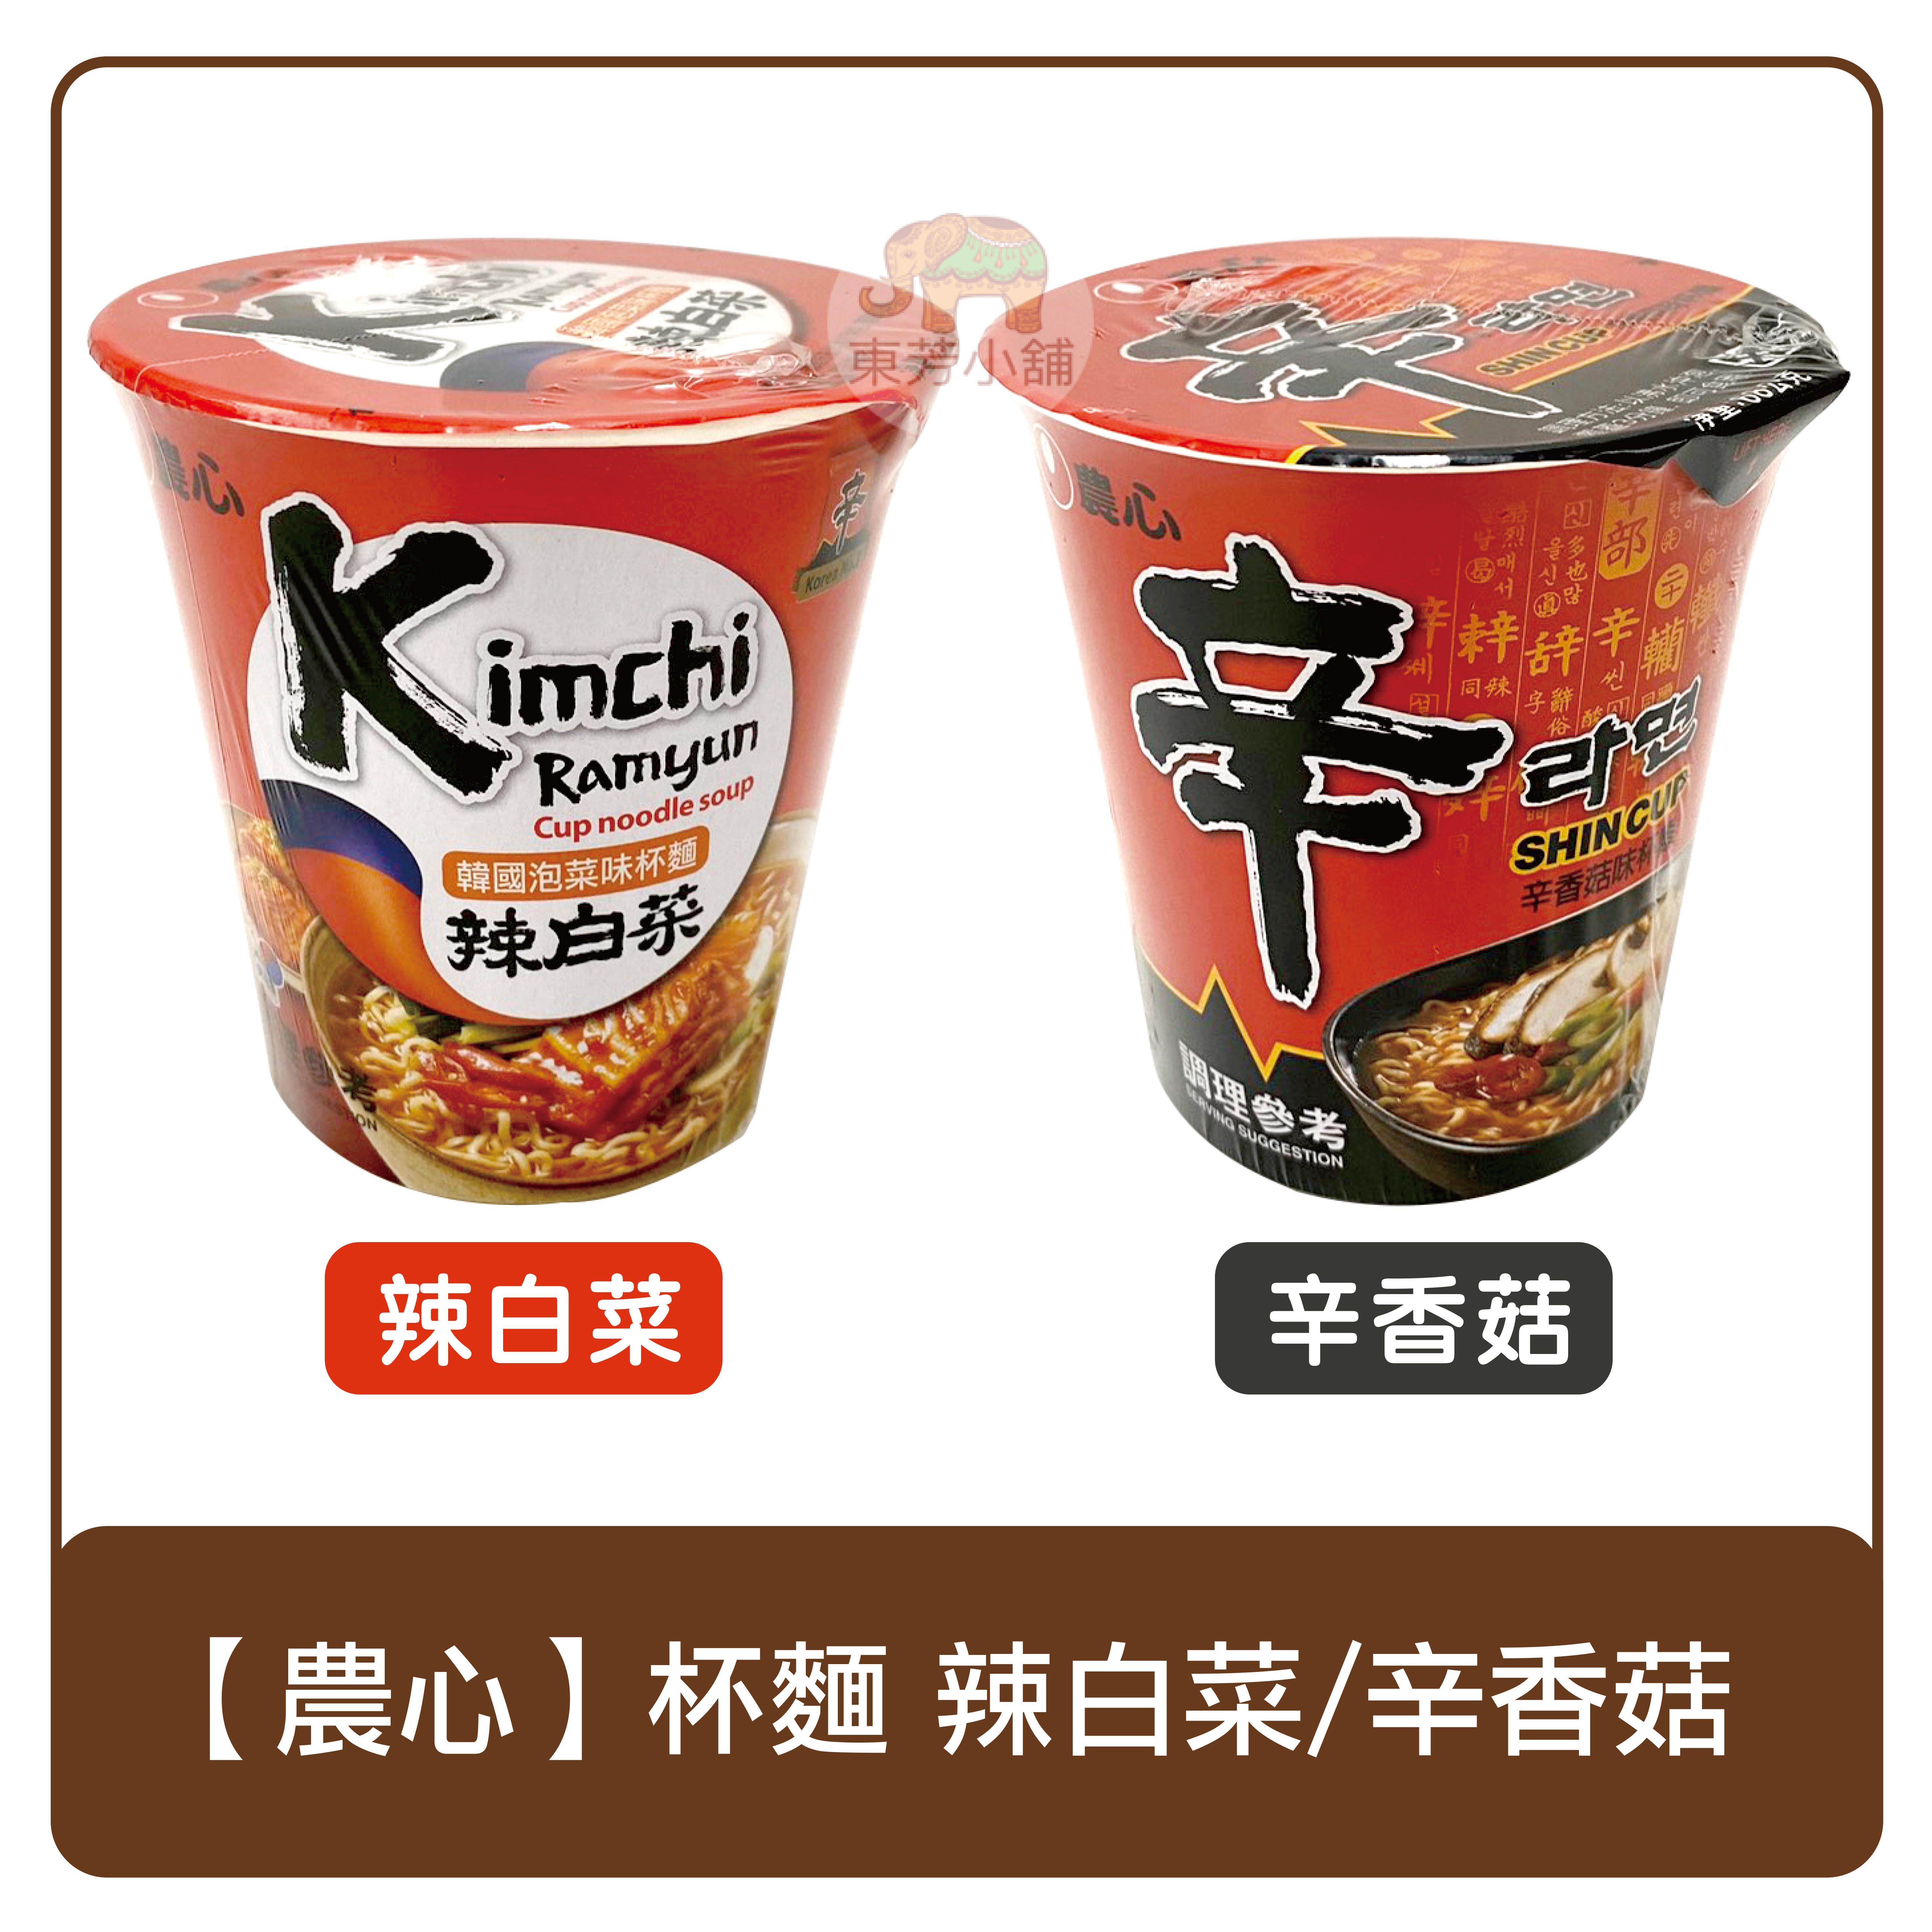 韓國 農心 杯麵 辣白菜75g/辛香菇68g 泡菜 香菇 拉麵 泡麵